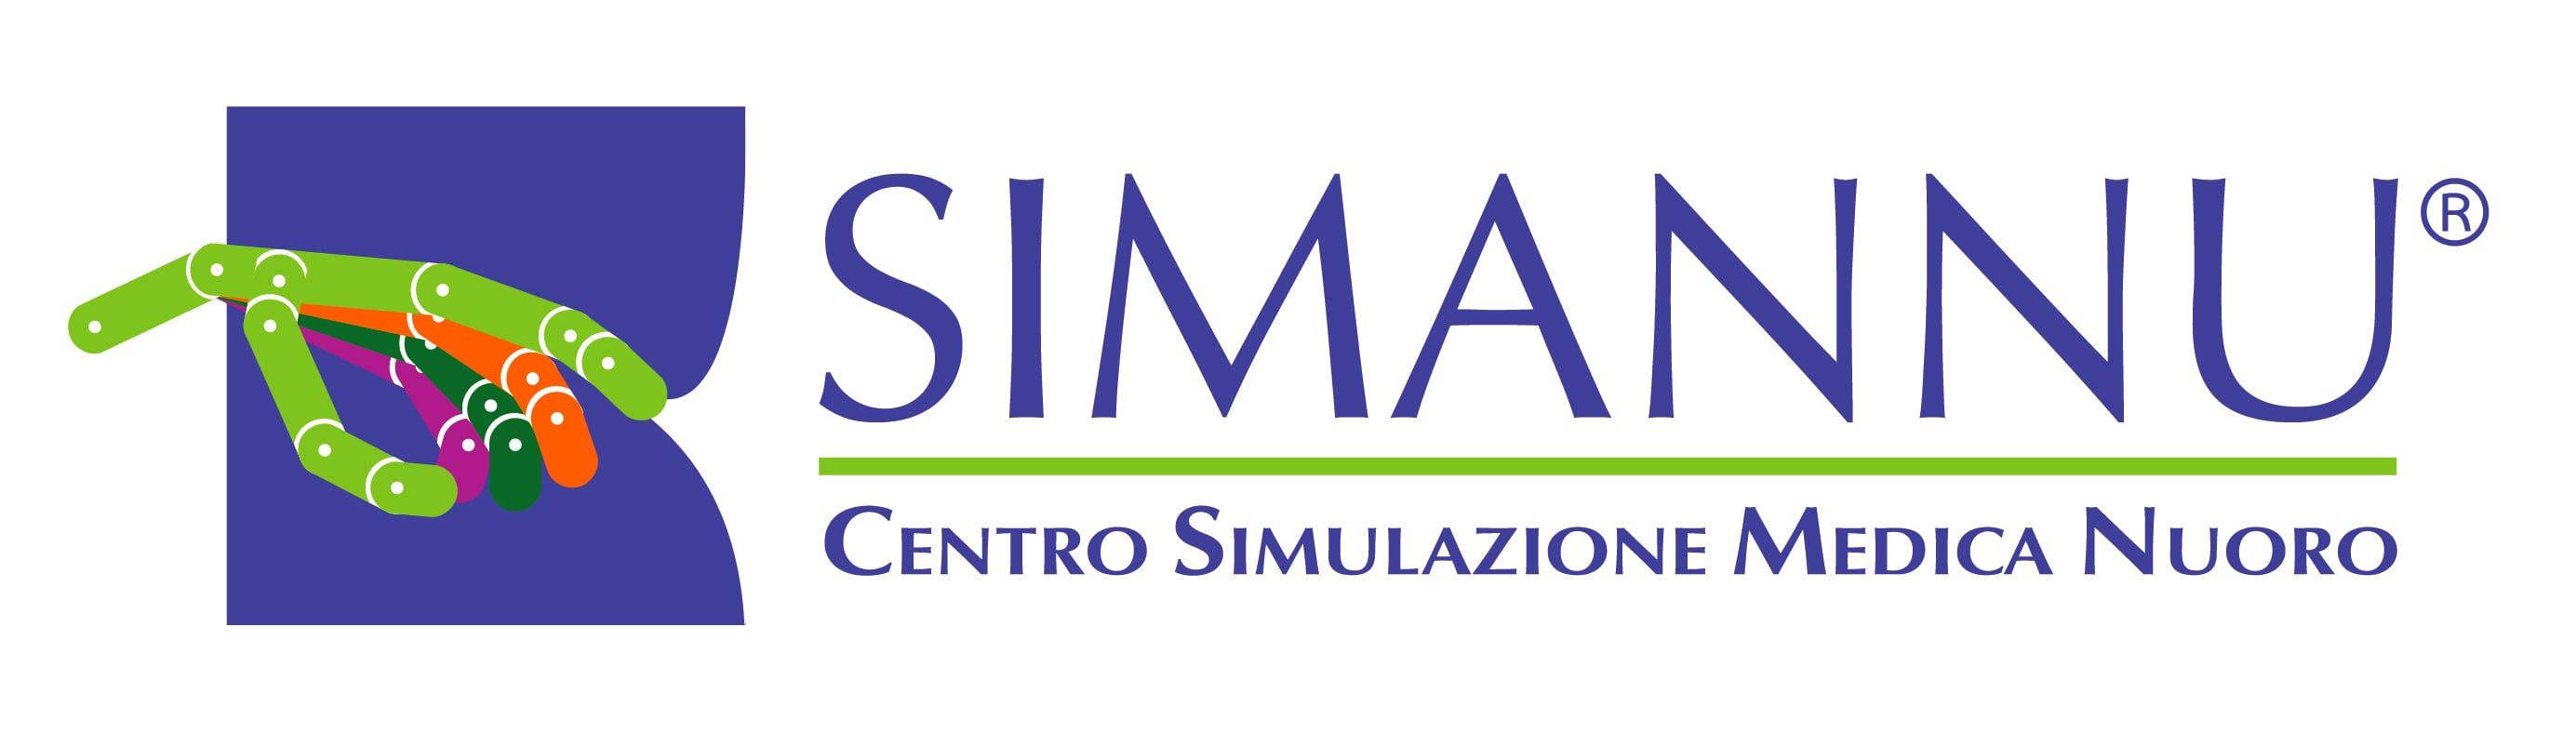 Simannu – Centro Simulazione Medica Nuoro